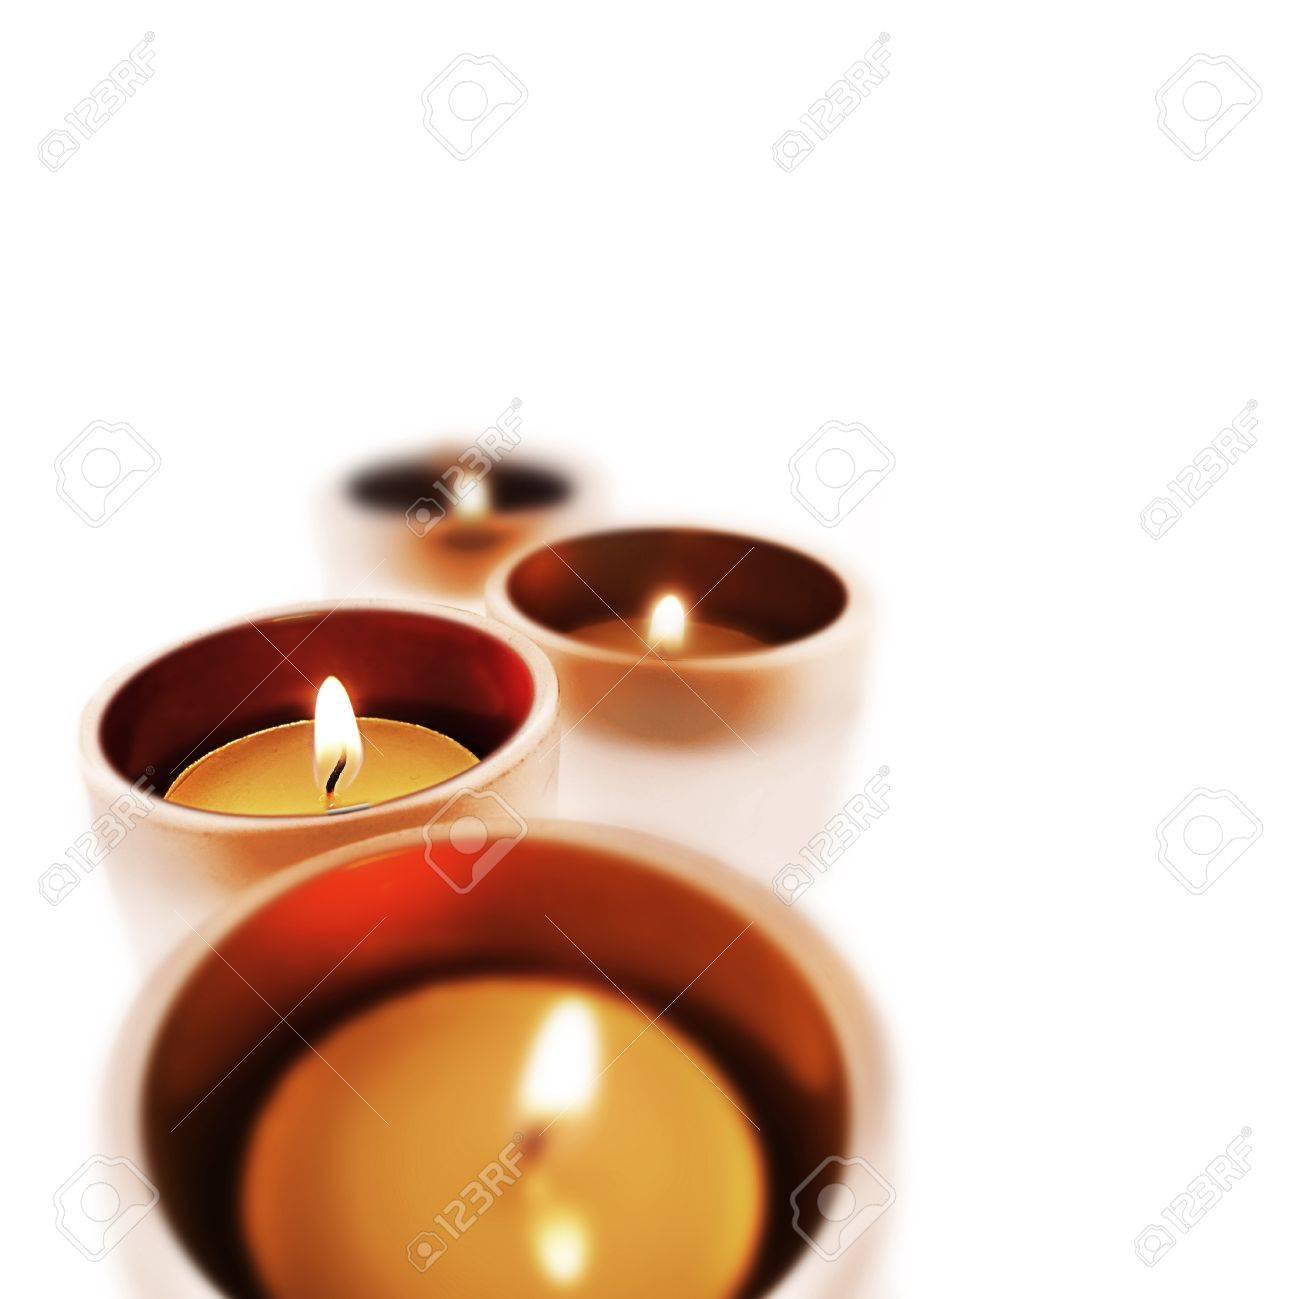 Cuatro equipaje de mano que guarda de cristal con velas encendidas Foto de archivo - 13343702